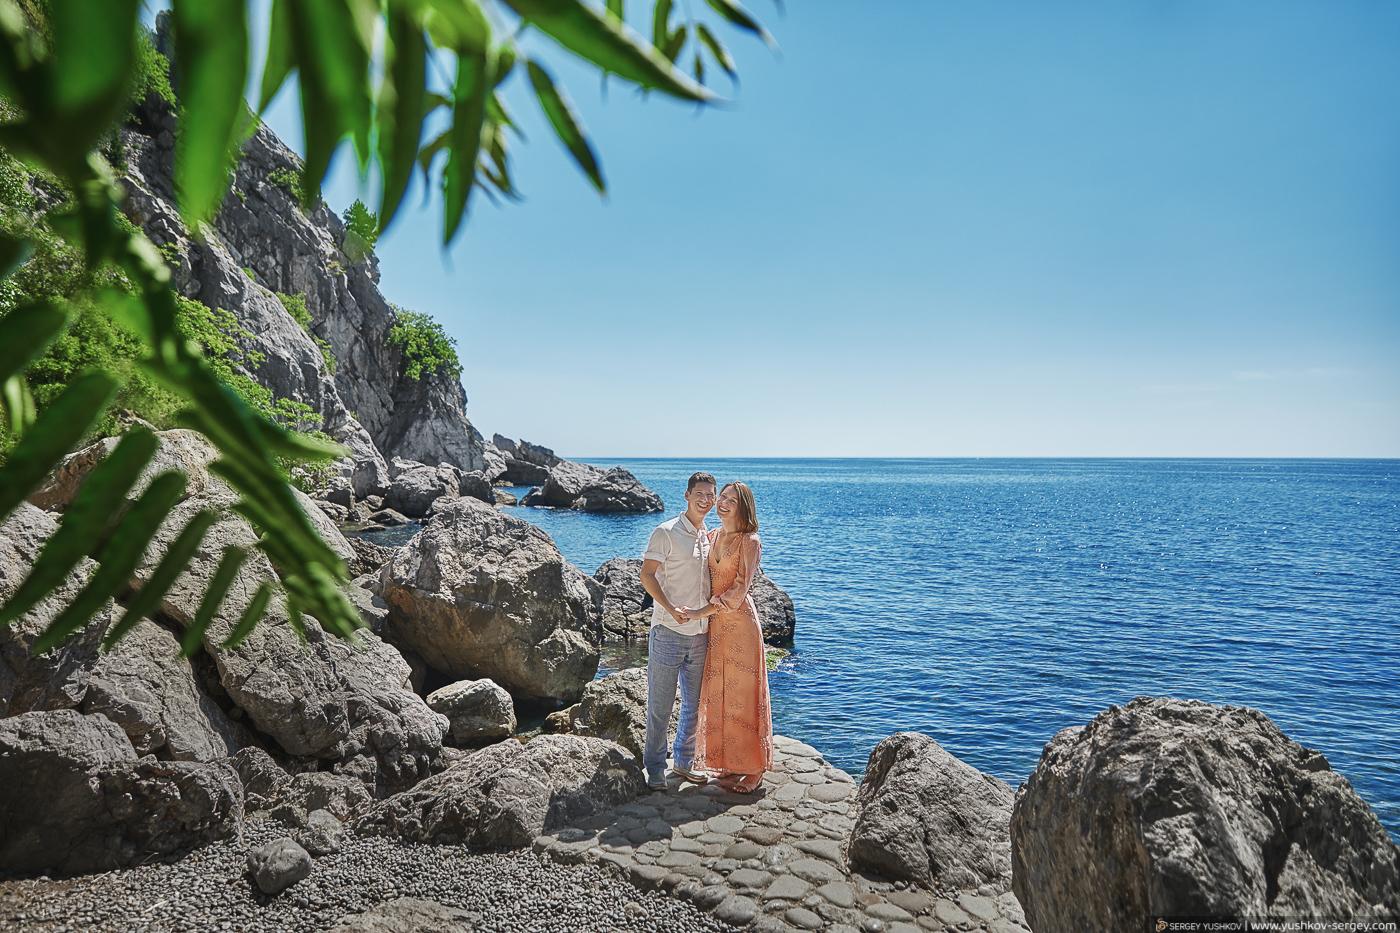 Свадьба для двоих в Крыму. Дача Чехова, пляж, Гурзуф. Фотограф - Сергей Юшков.